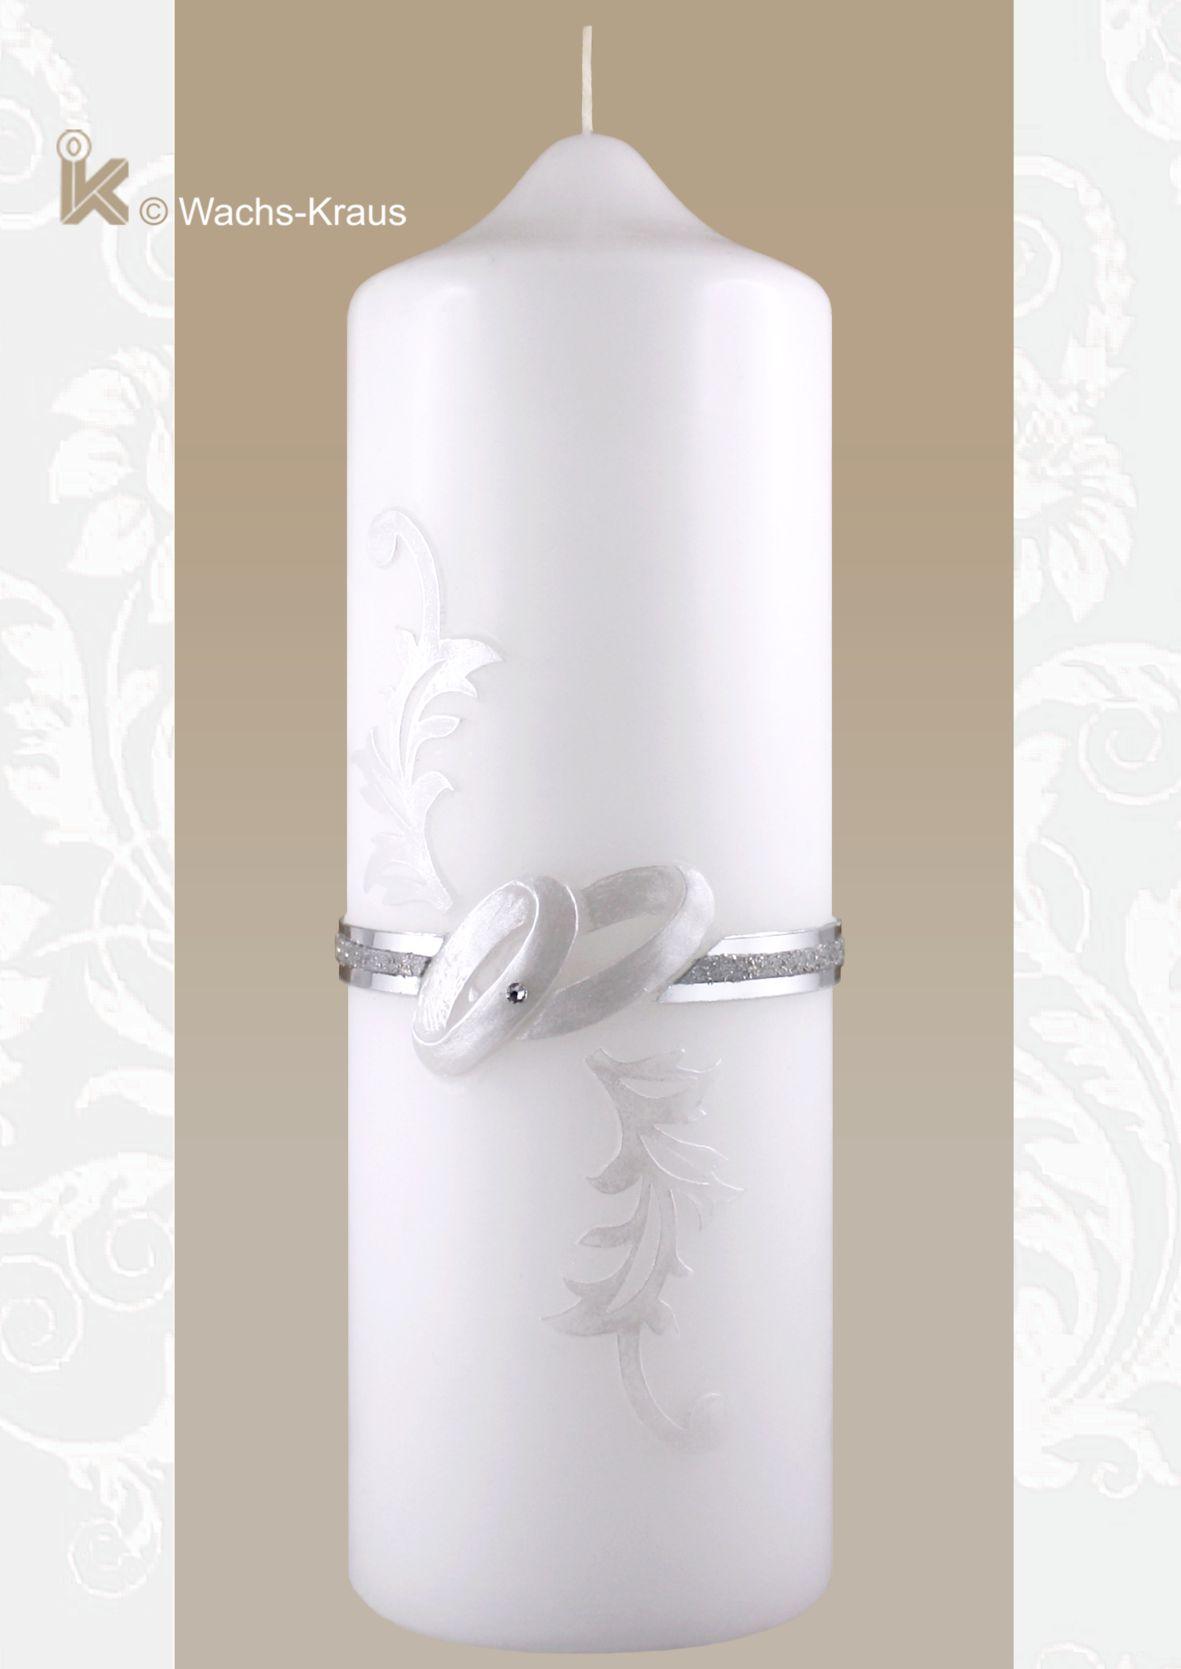 Hochzeitskerze. Das Motiv wie hingehaucht in zartem Grau und Silber